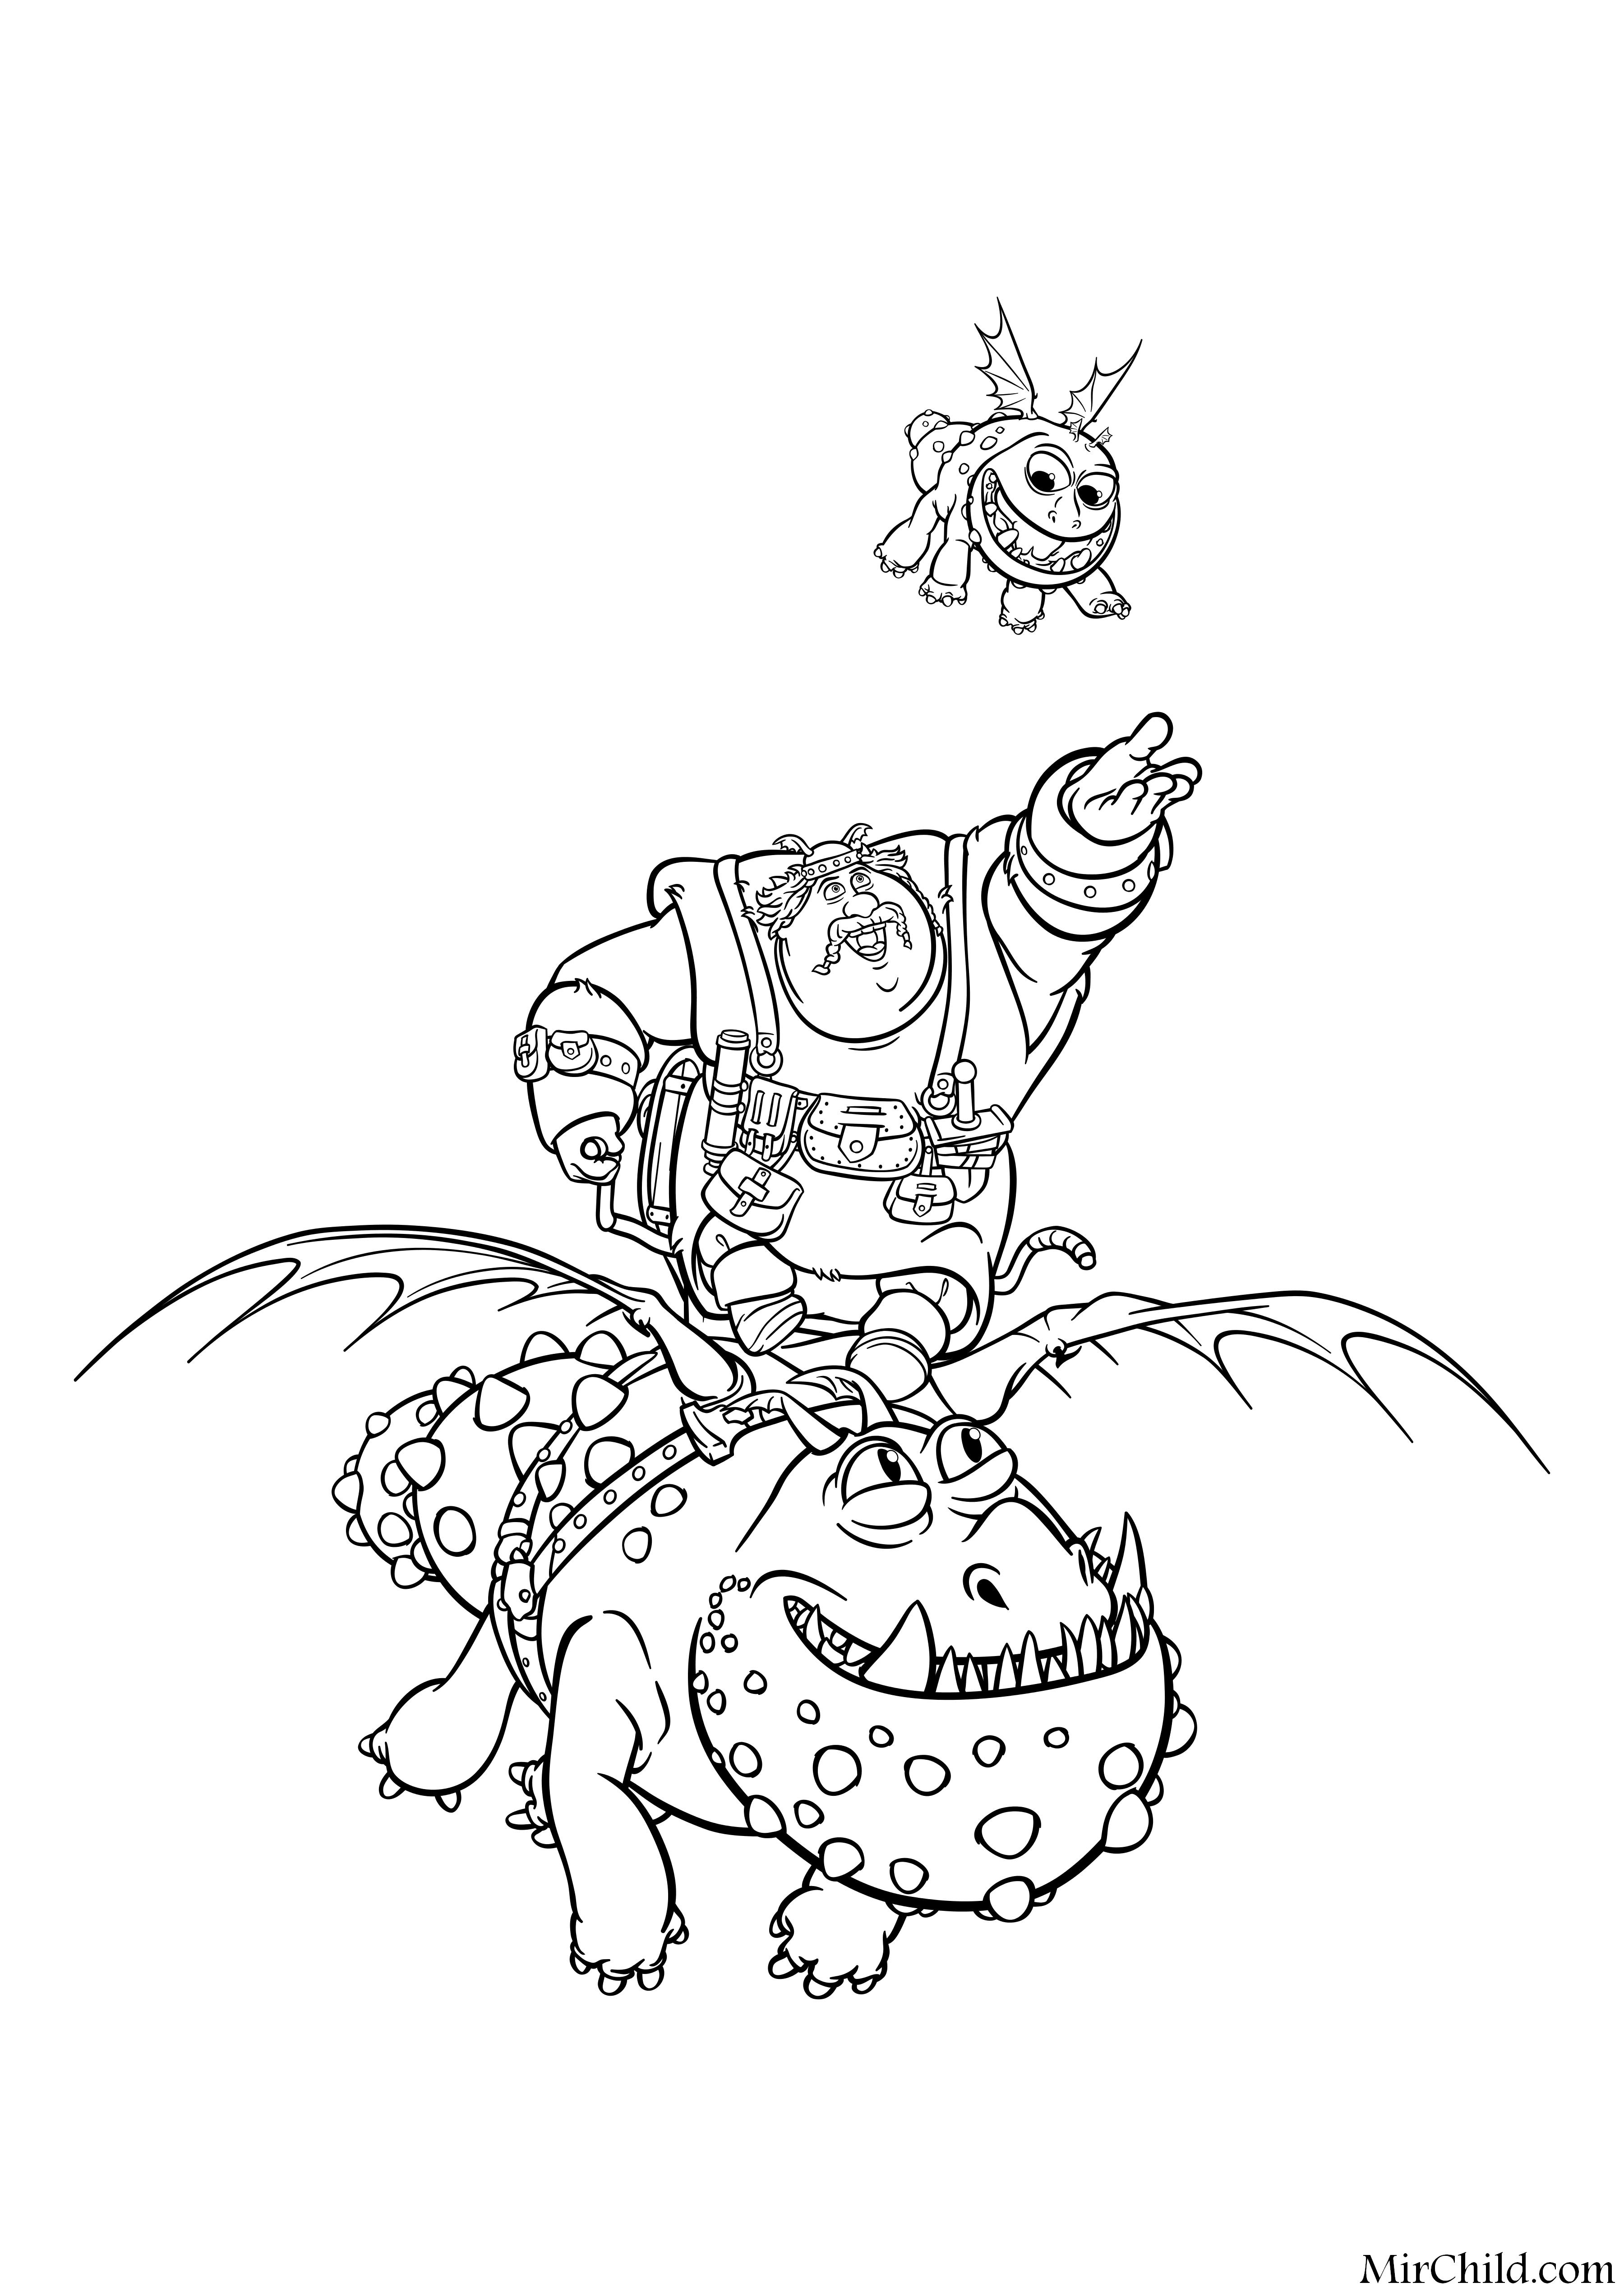 Раскраска - Как приручить дракона 3 - Рыбьеног летит на ...